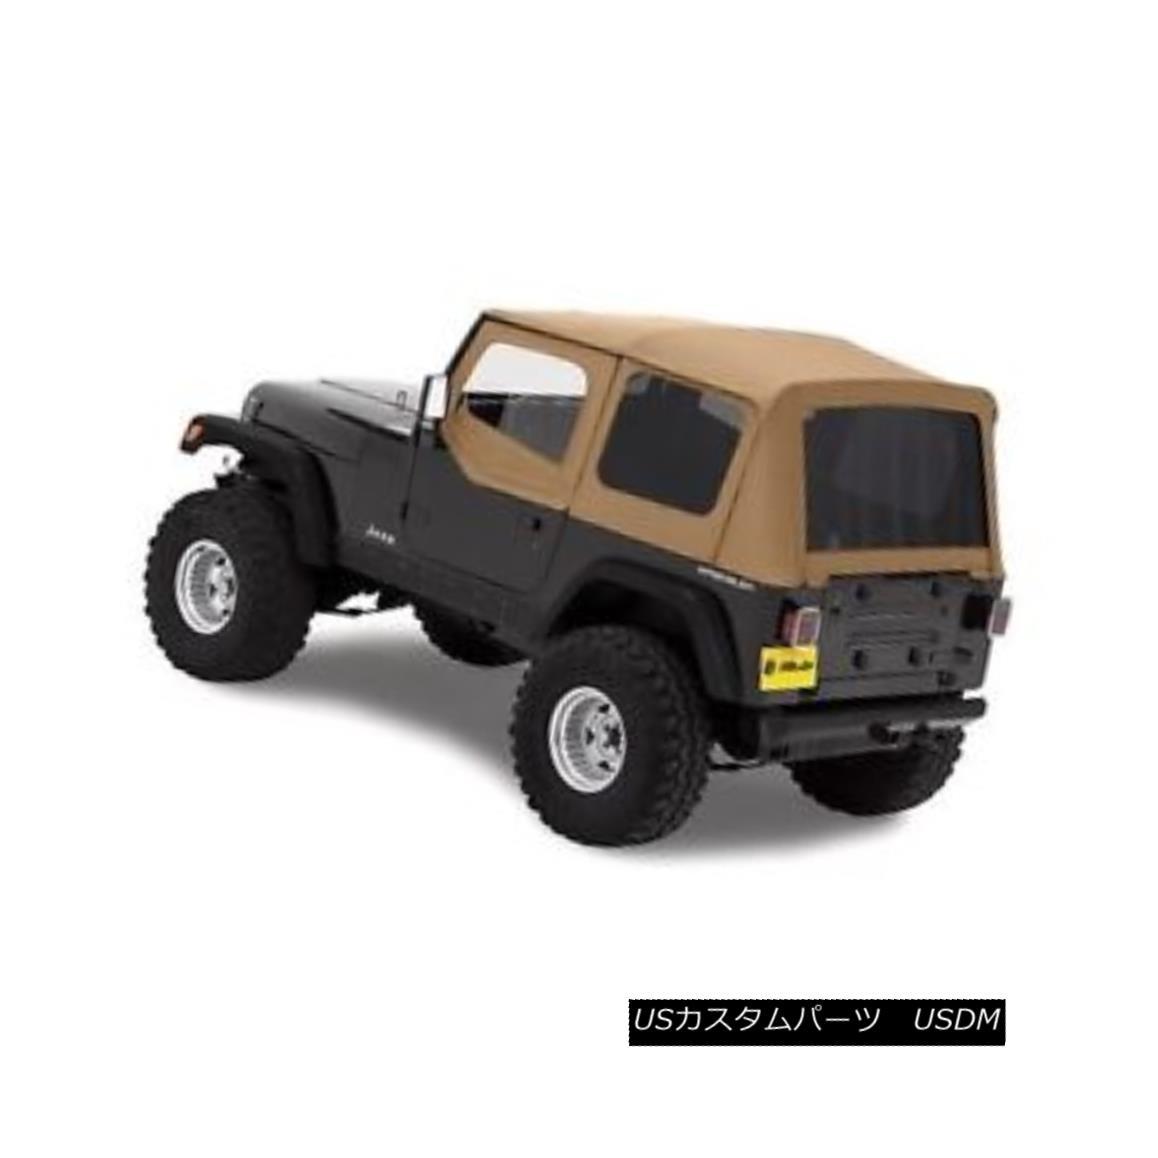 幌・ソフトトップ Bestop Replace A Top 88-95 Jeep Wrangler YJ Half Door Skins Tinted Spice Bestopを交換する88-95ジープラングラーYJハーフ・ドア・スキンティンテッド・スパイス